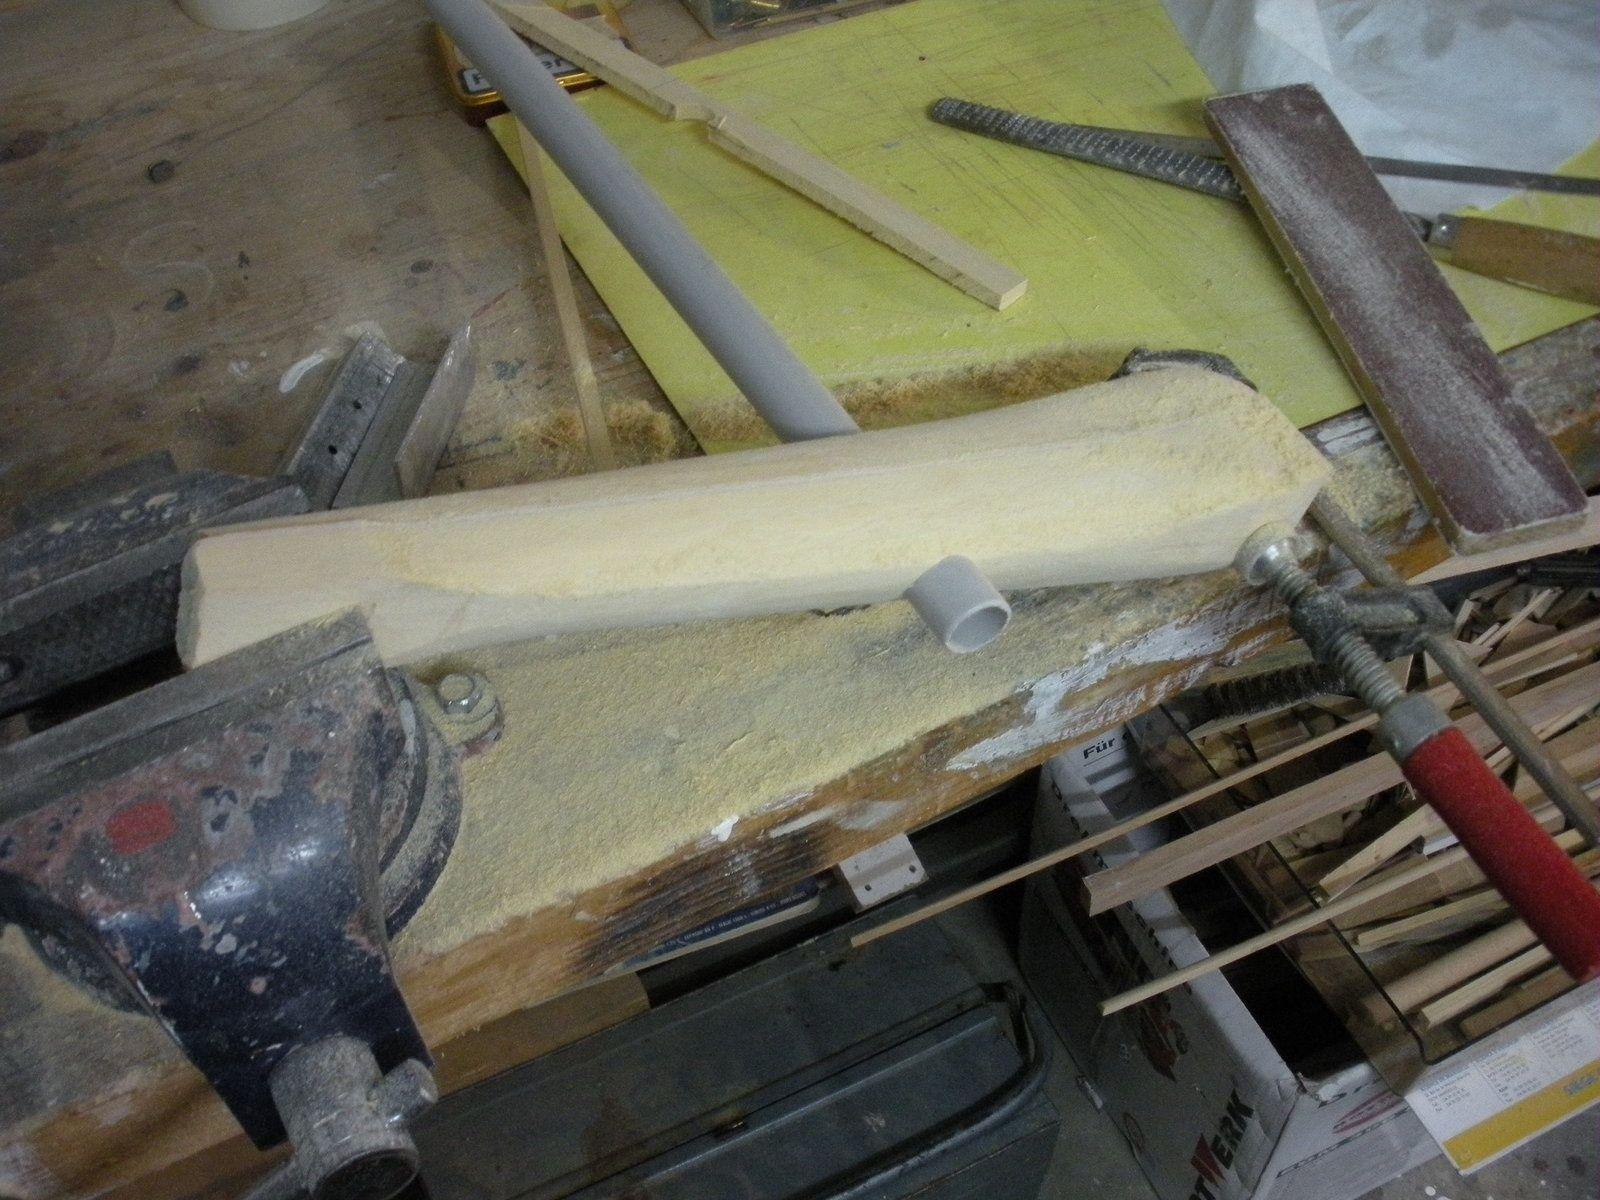 Dégrossissage de la forme à la rape à bois et au papier abrasif.